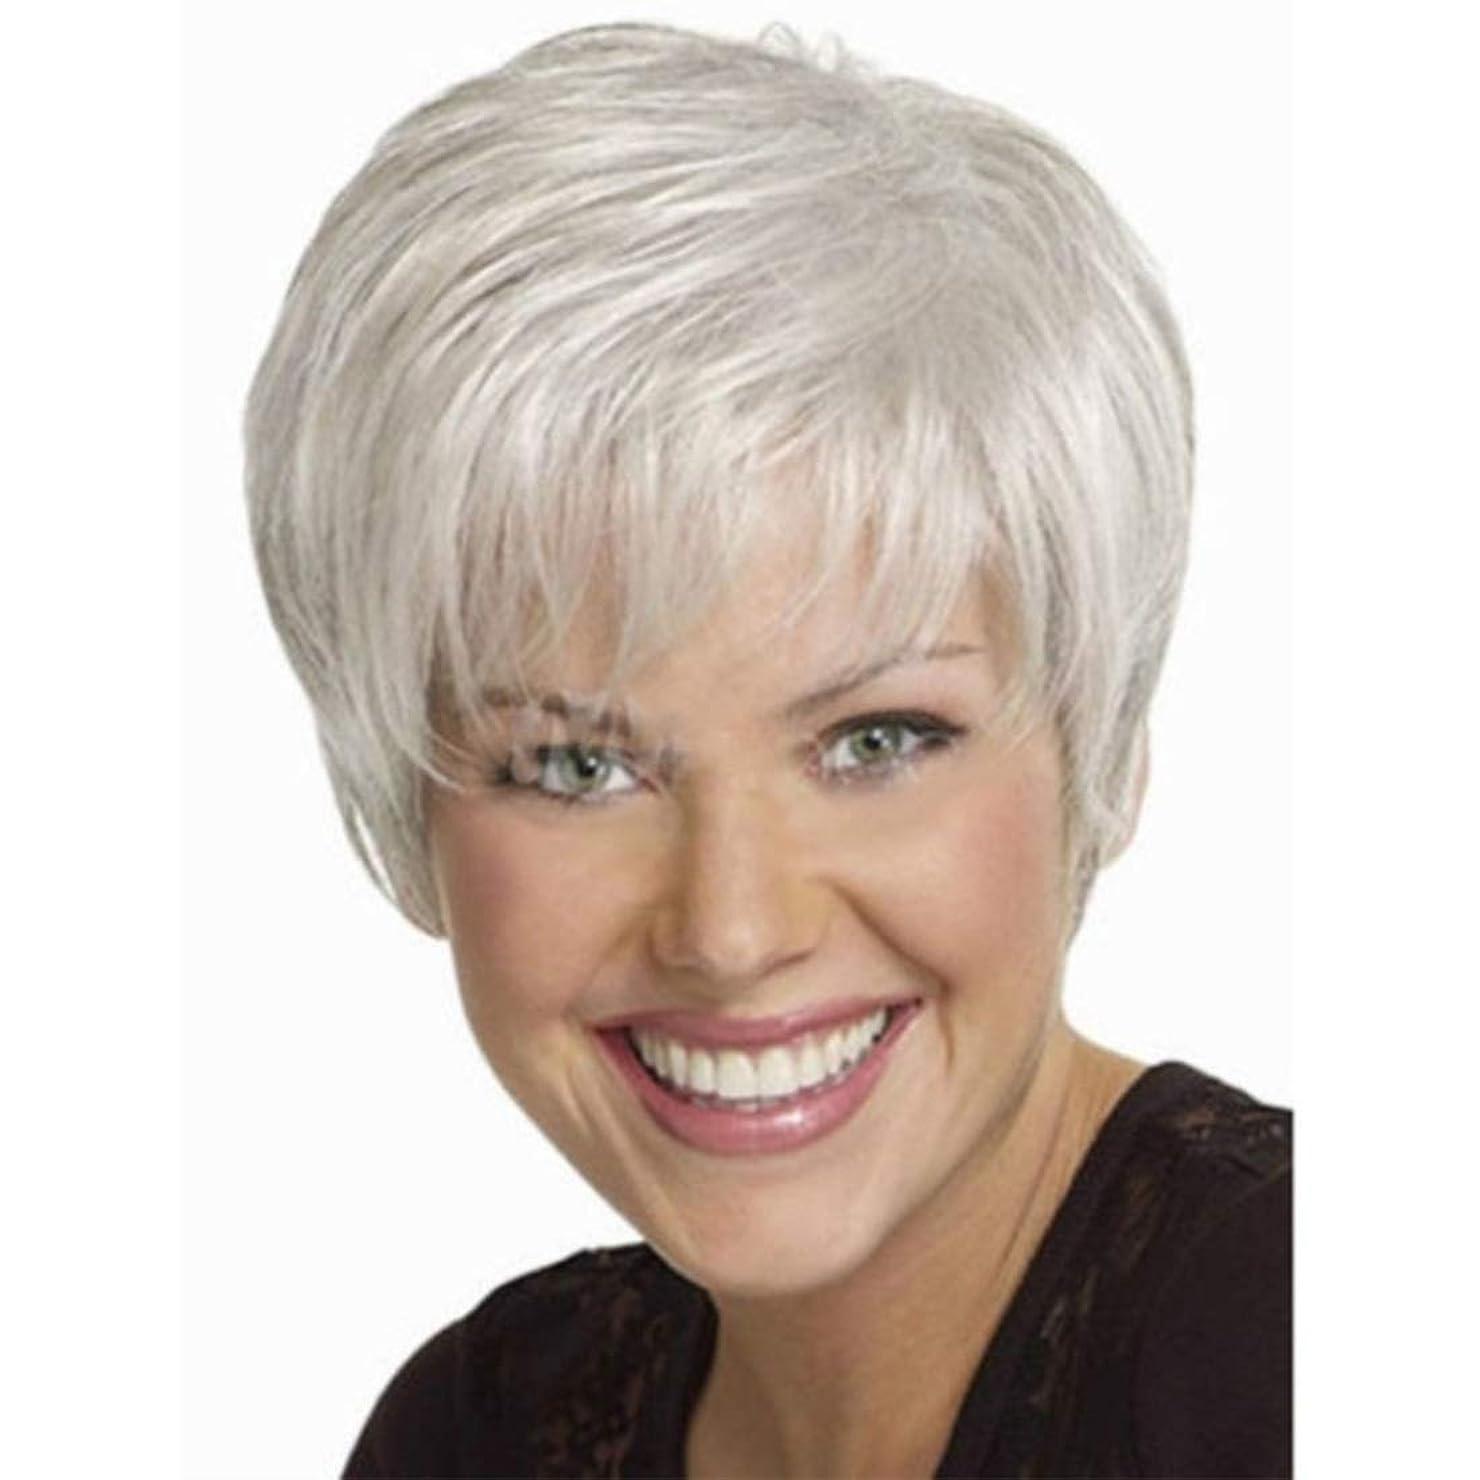 閲覧する早いナビゲーションSummerys ショートヘアウィッグショートストレート人工毛フルウィッグ自然に見える高温ワイヤーウィッグ女性用